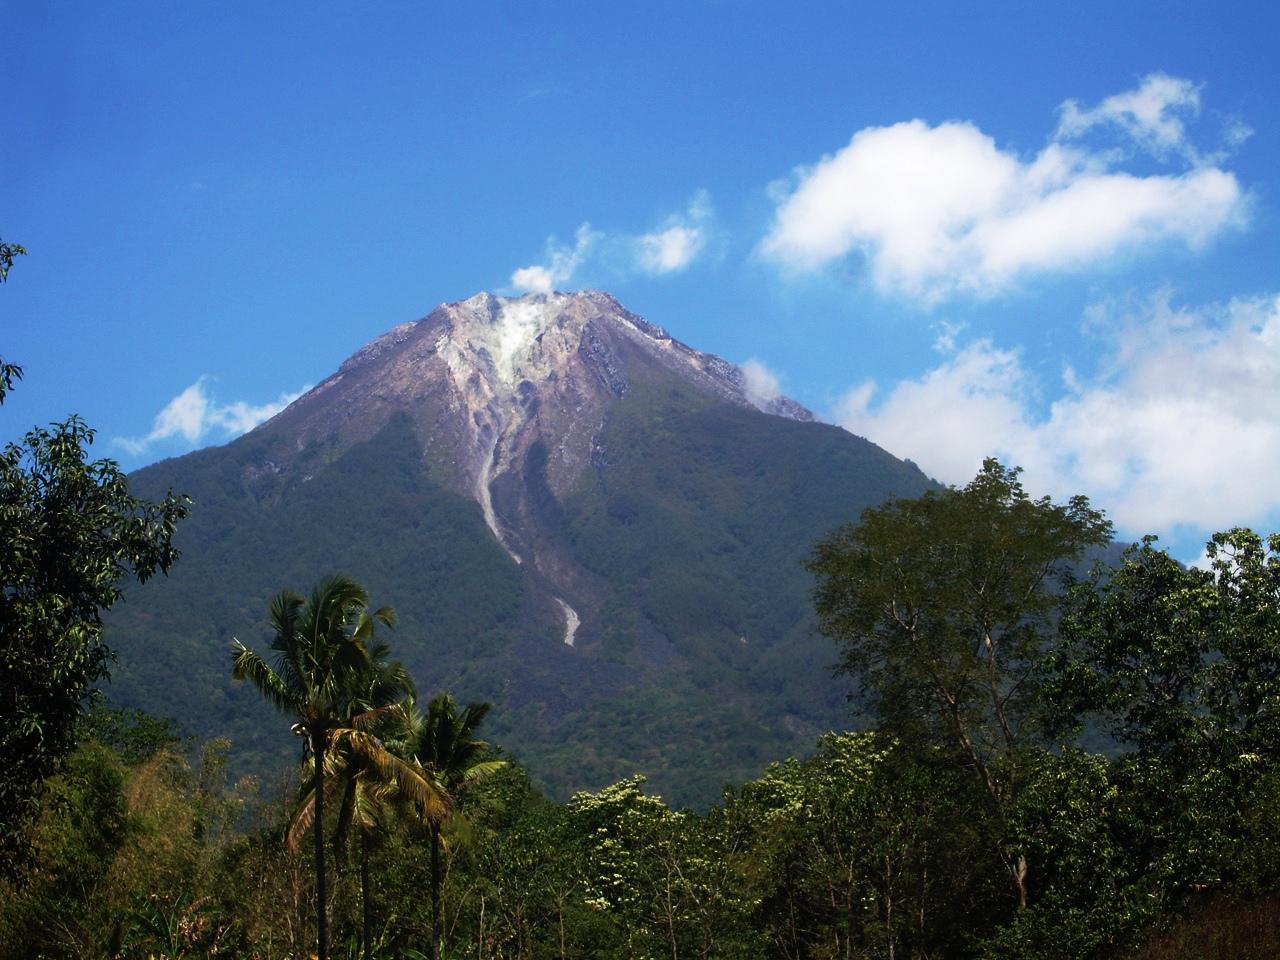 A lone peak